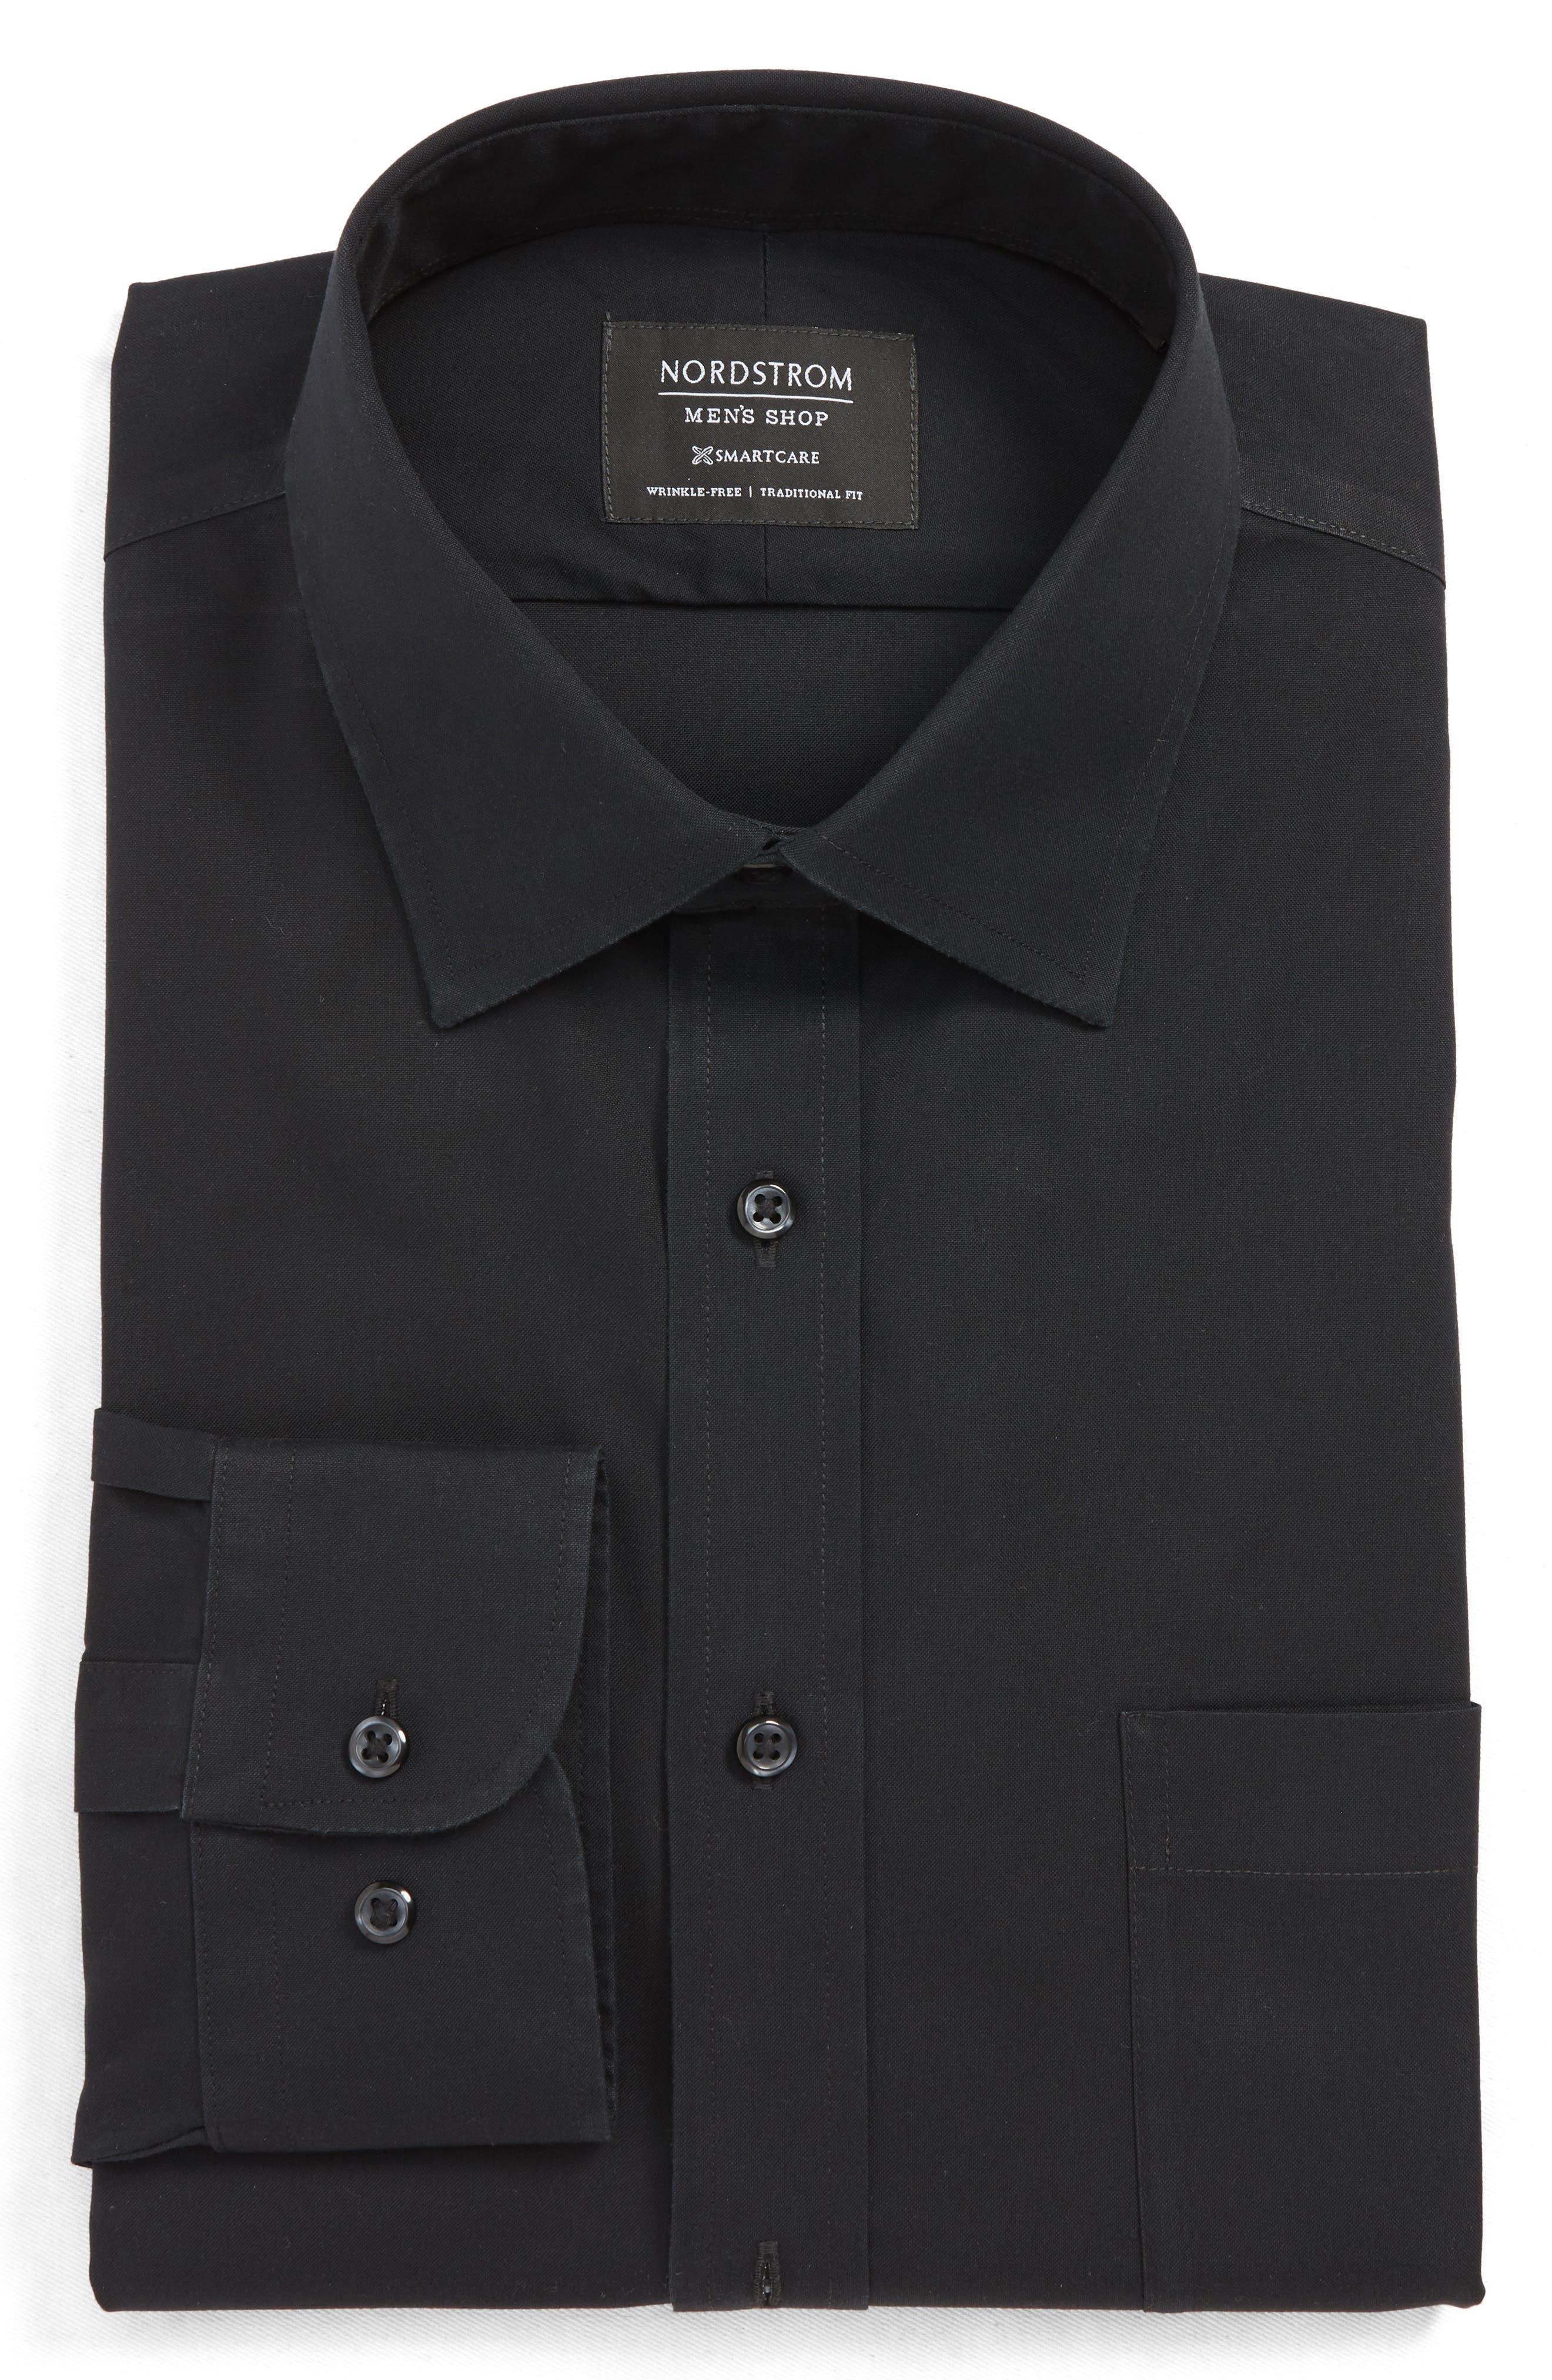 NORDSTROM MEN'S SHOP, Smartcare<sup>™</sup> Traditional Fit Dress Shirt, Main thumbnail 1, color, BLACK